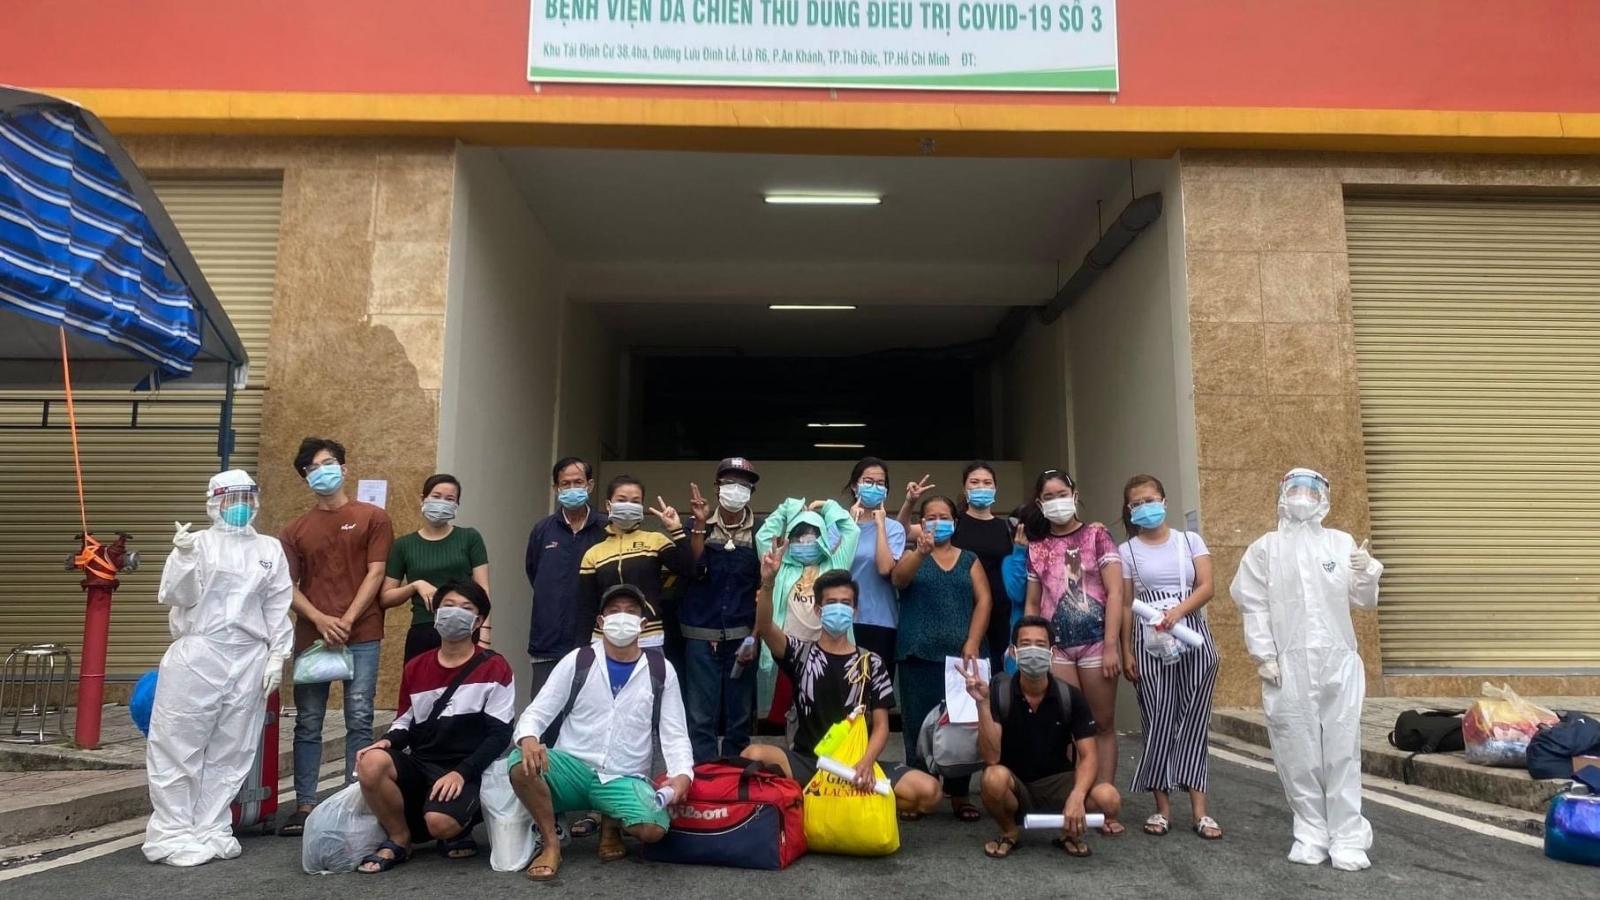 3.800 bệnh nhân Covid-19 ở Bệnh viện Dã chiến số 3 TP.HCM xuất viện